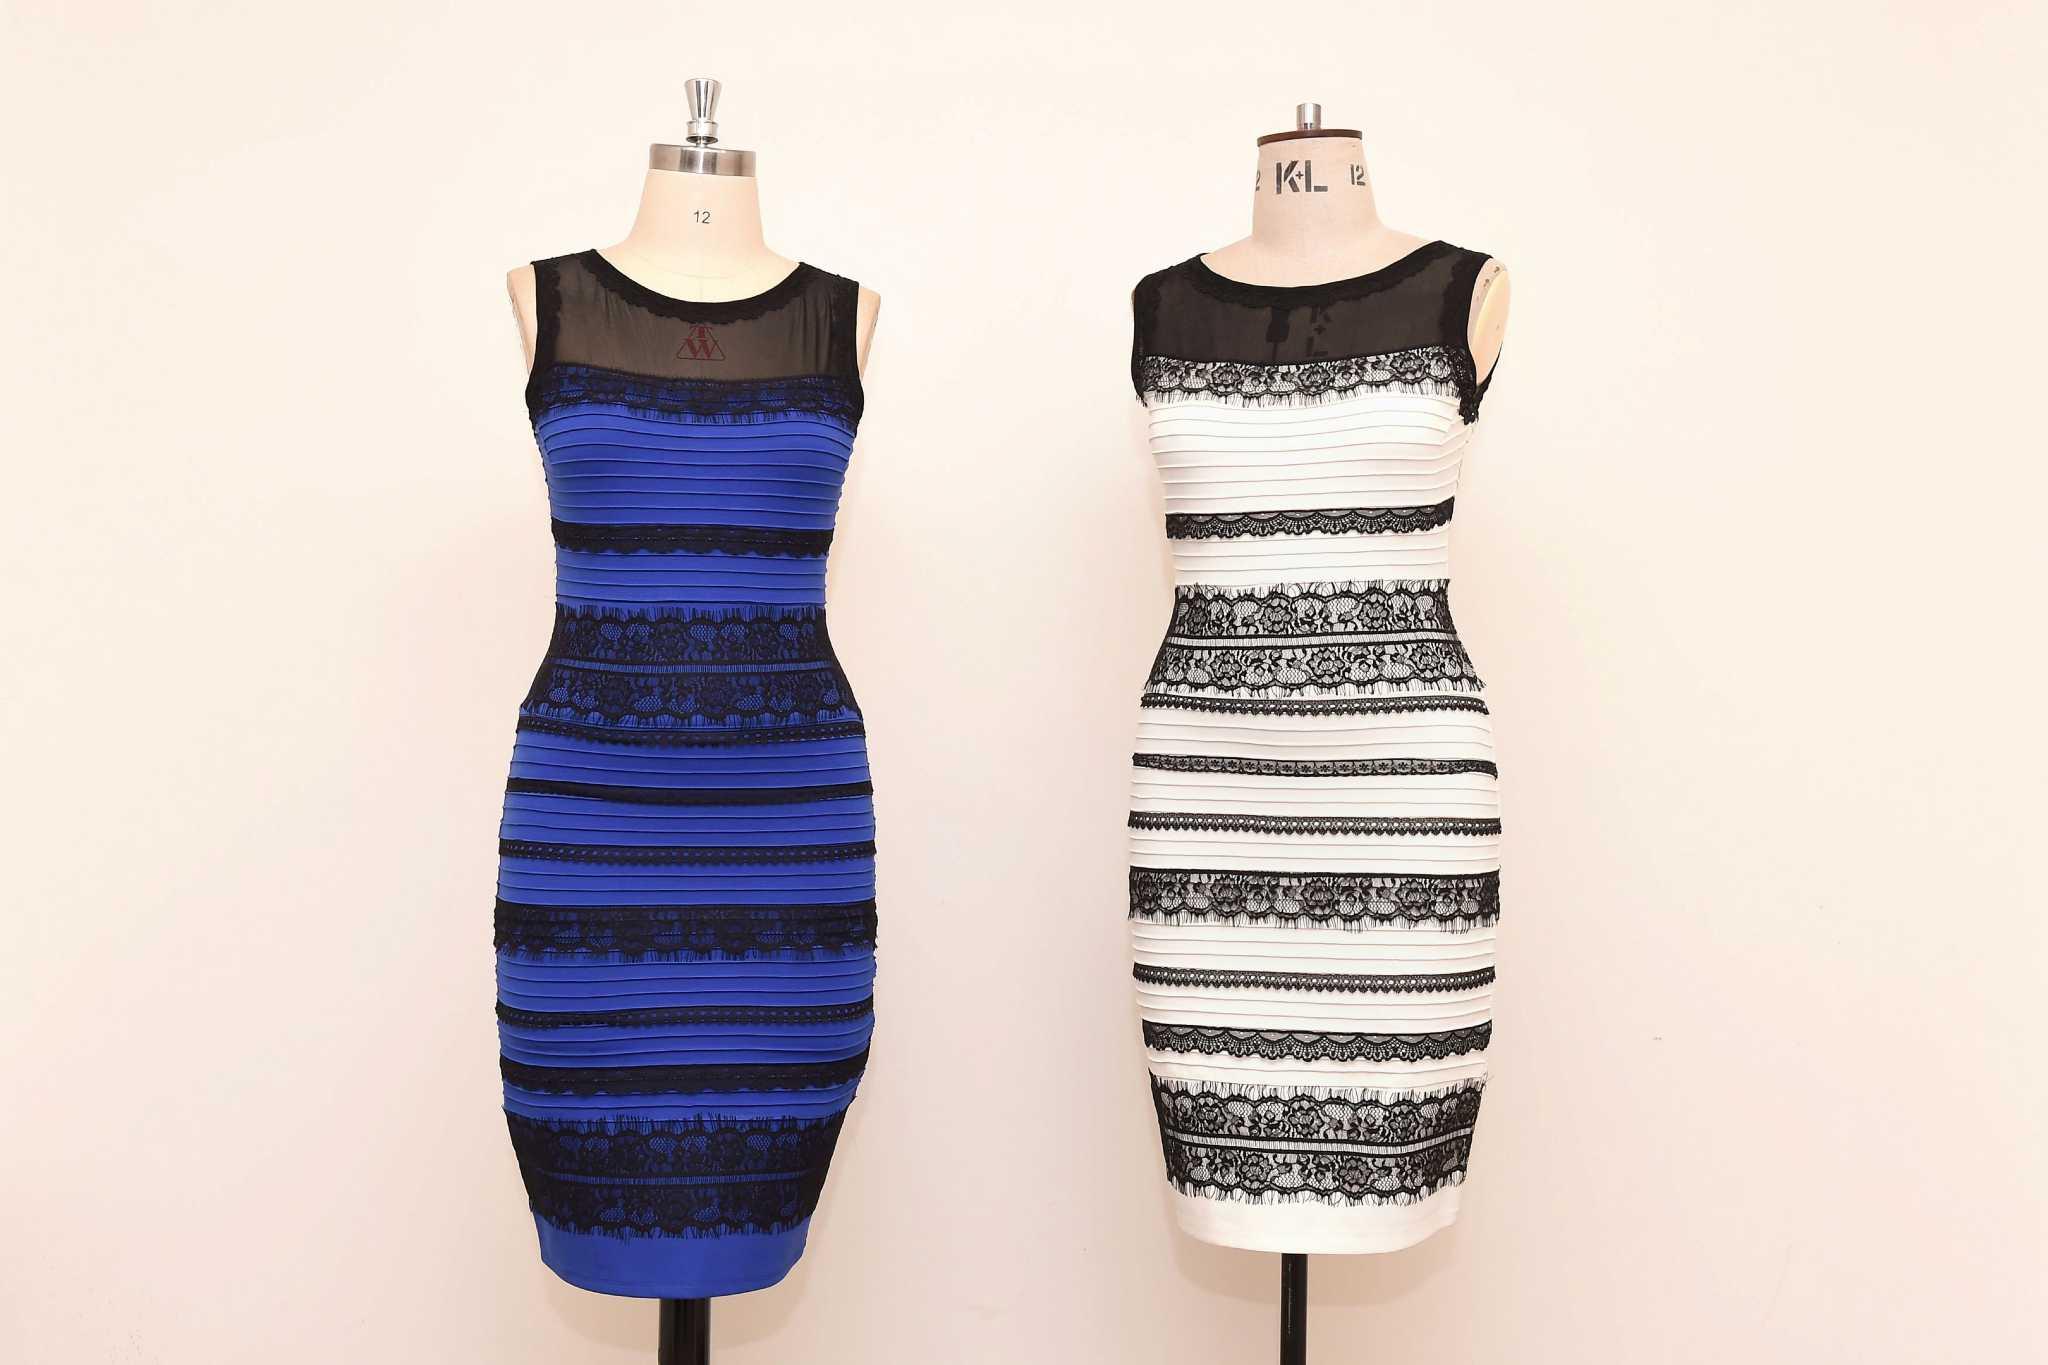 Фото с платьем которое меняет цвет